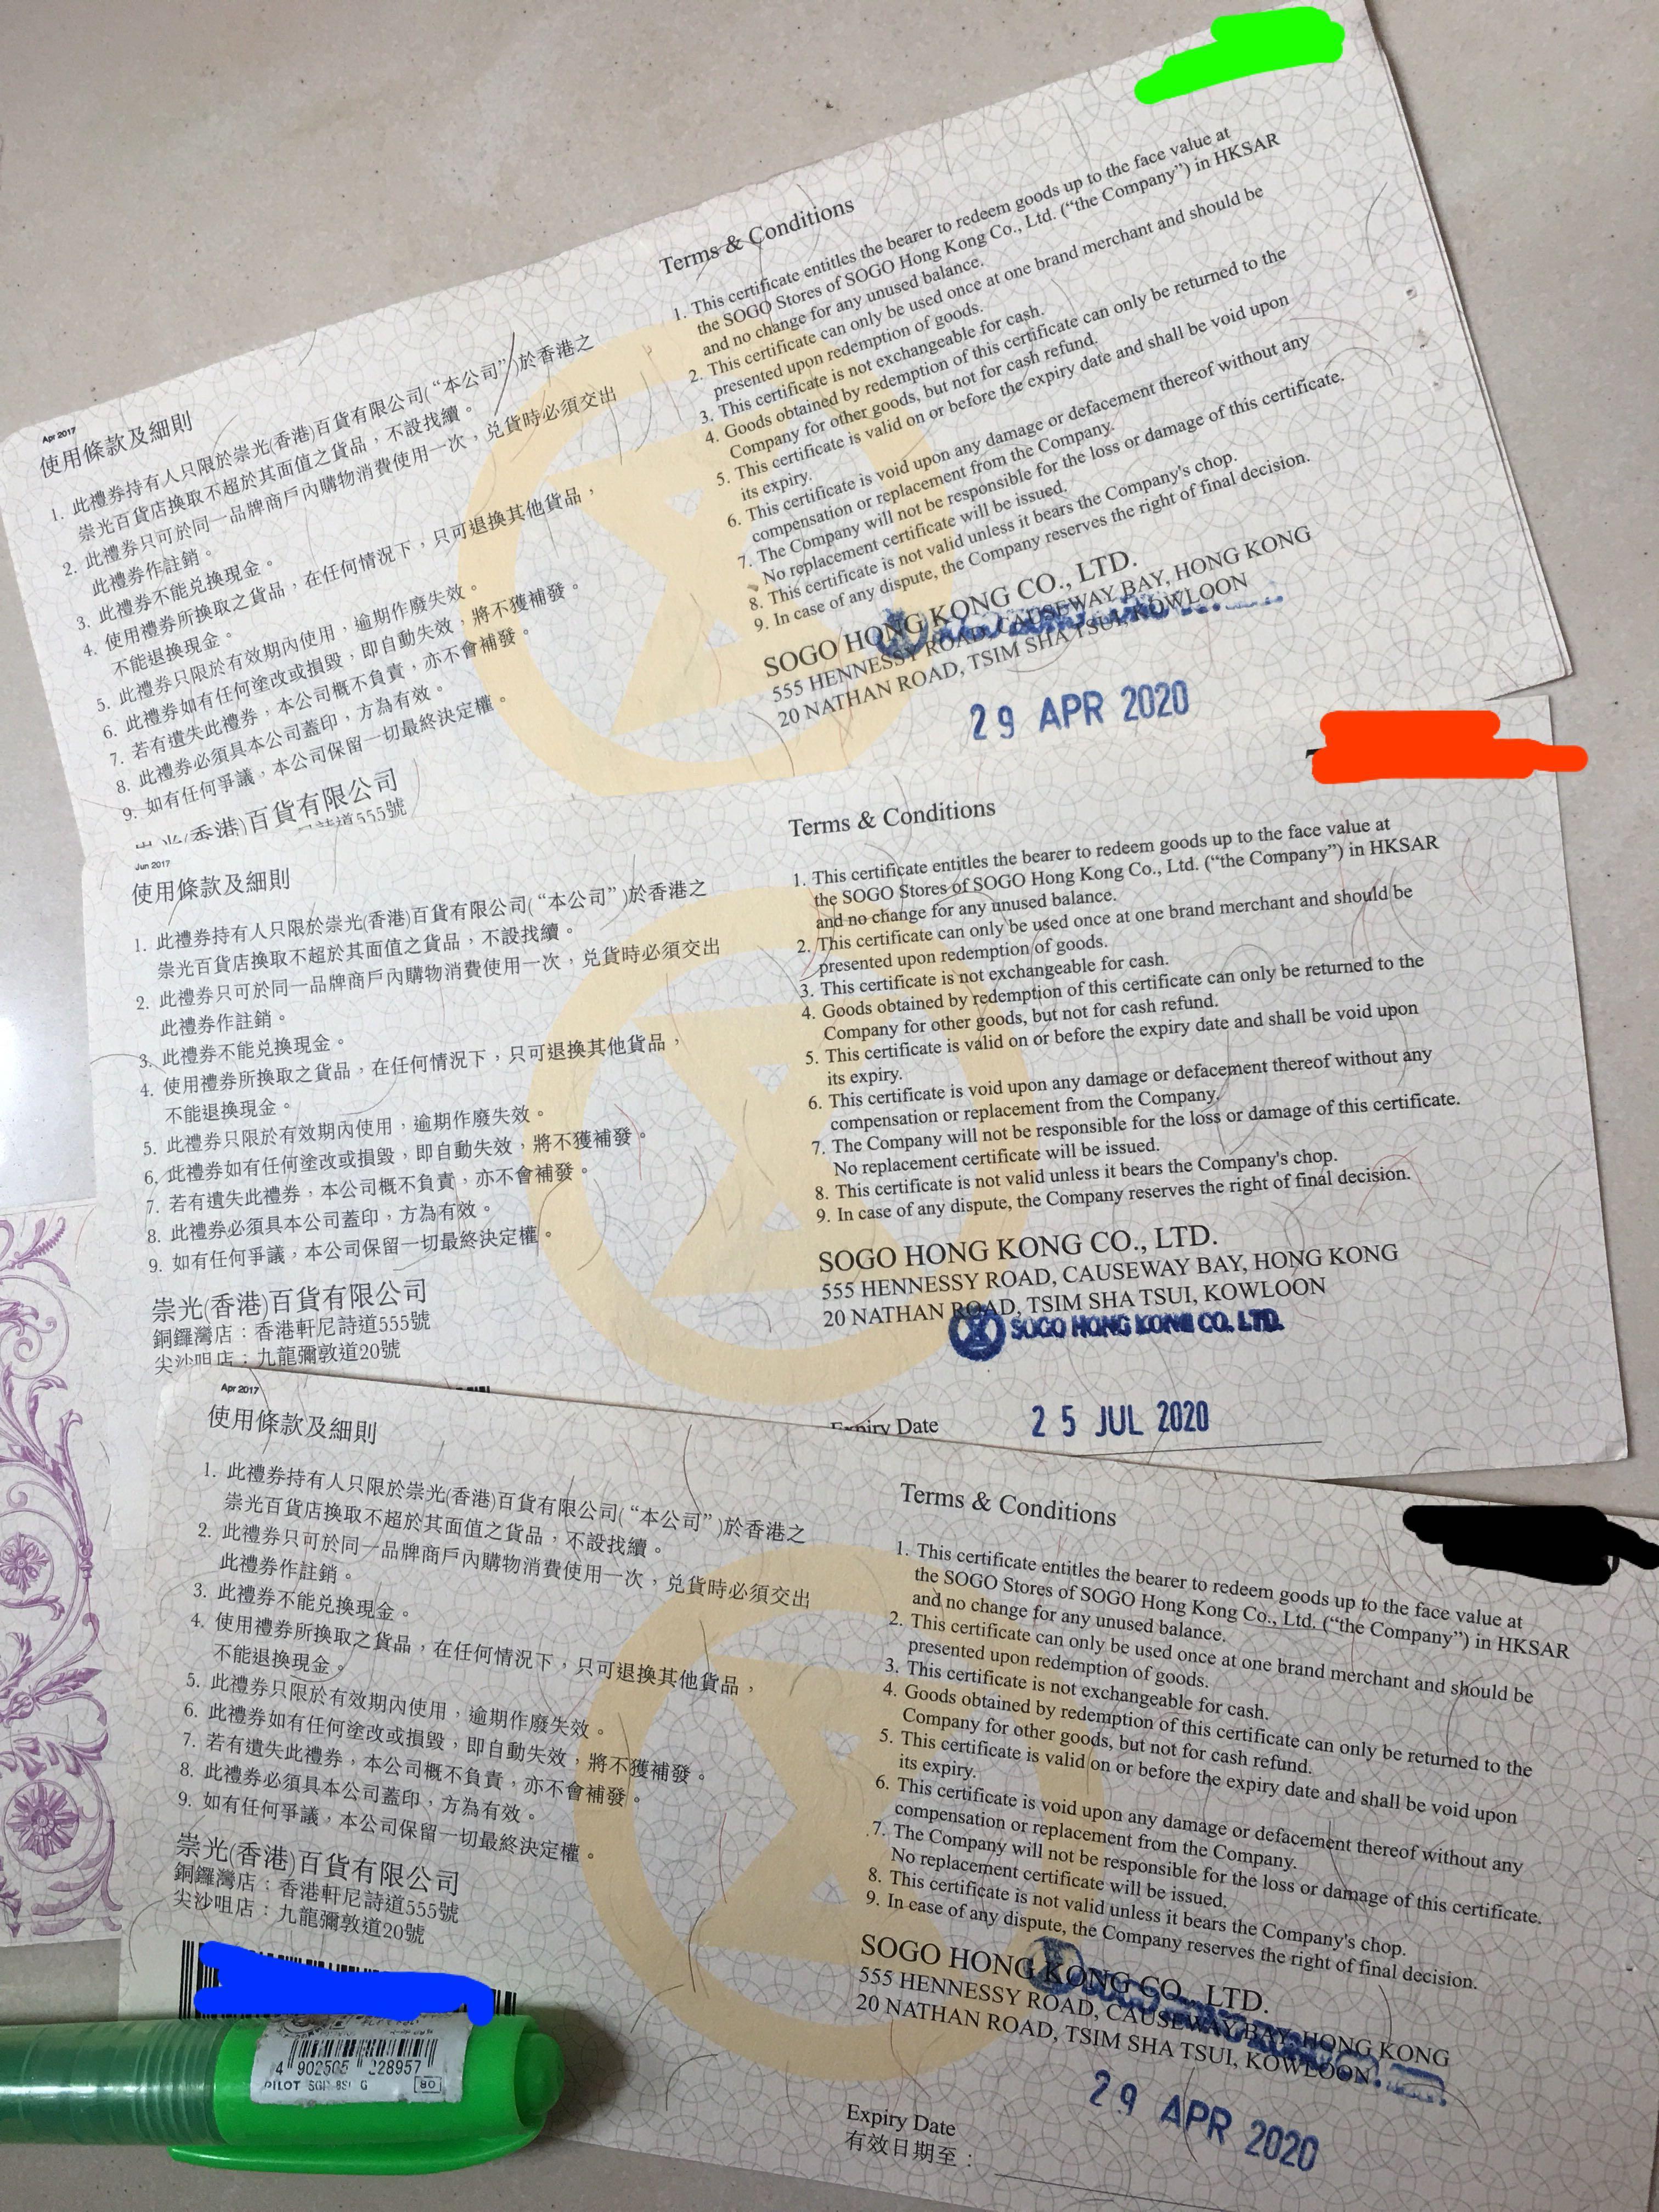 Sogo現金券 崇光禮券$100面額